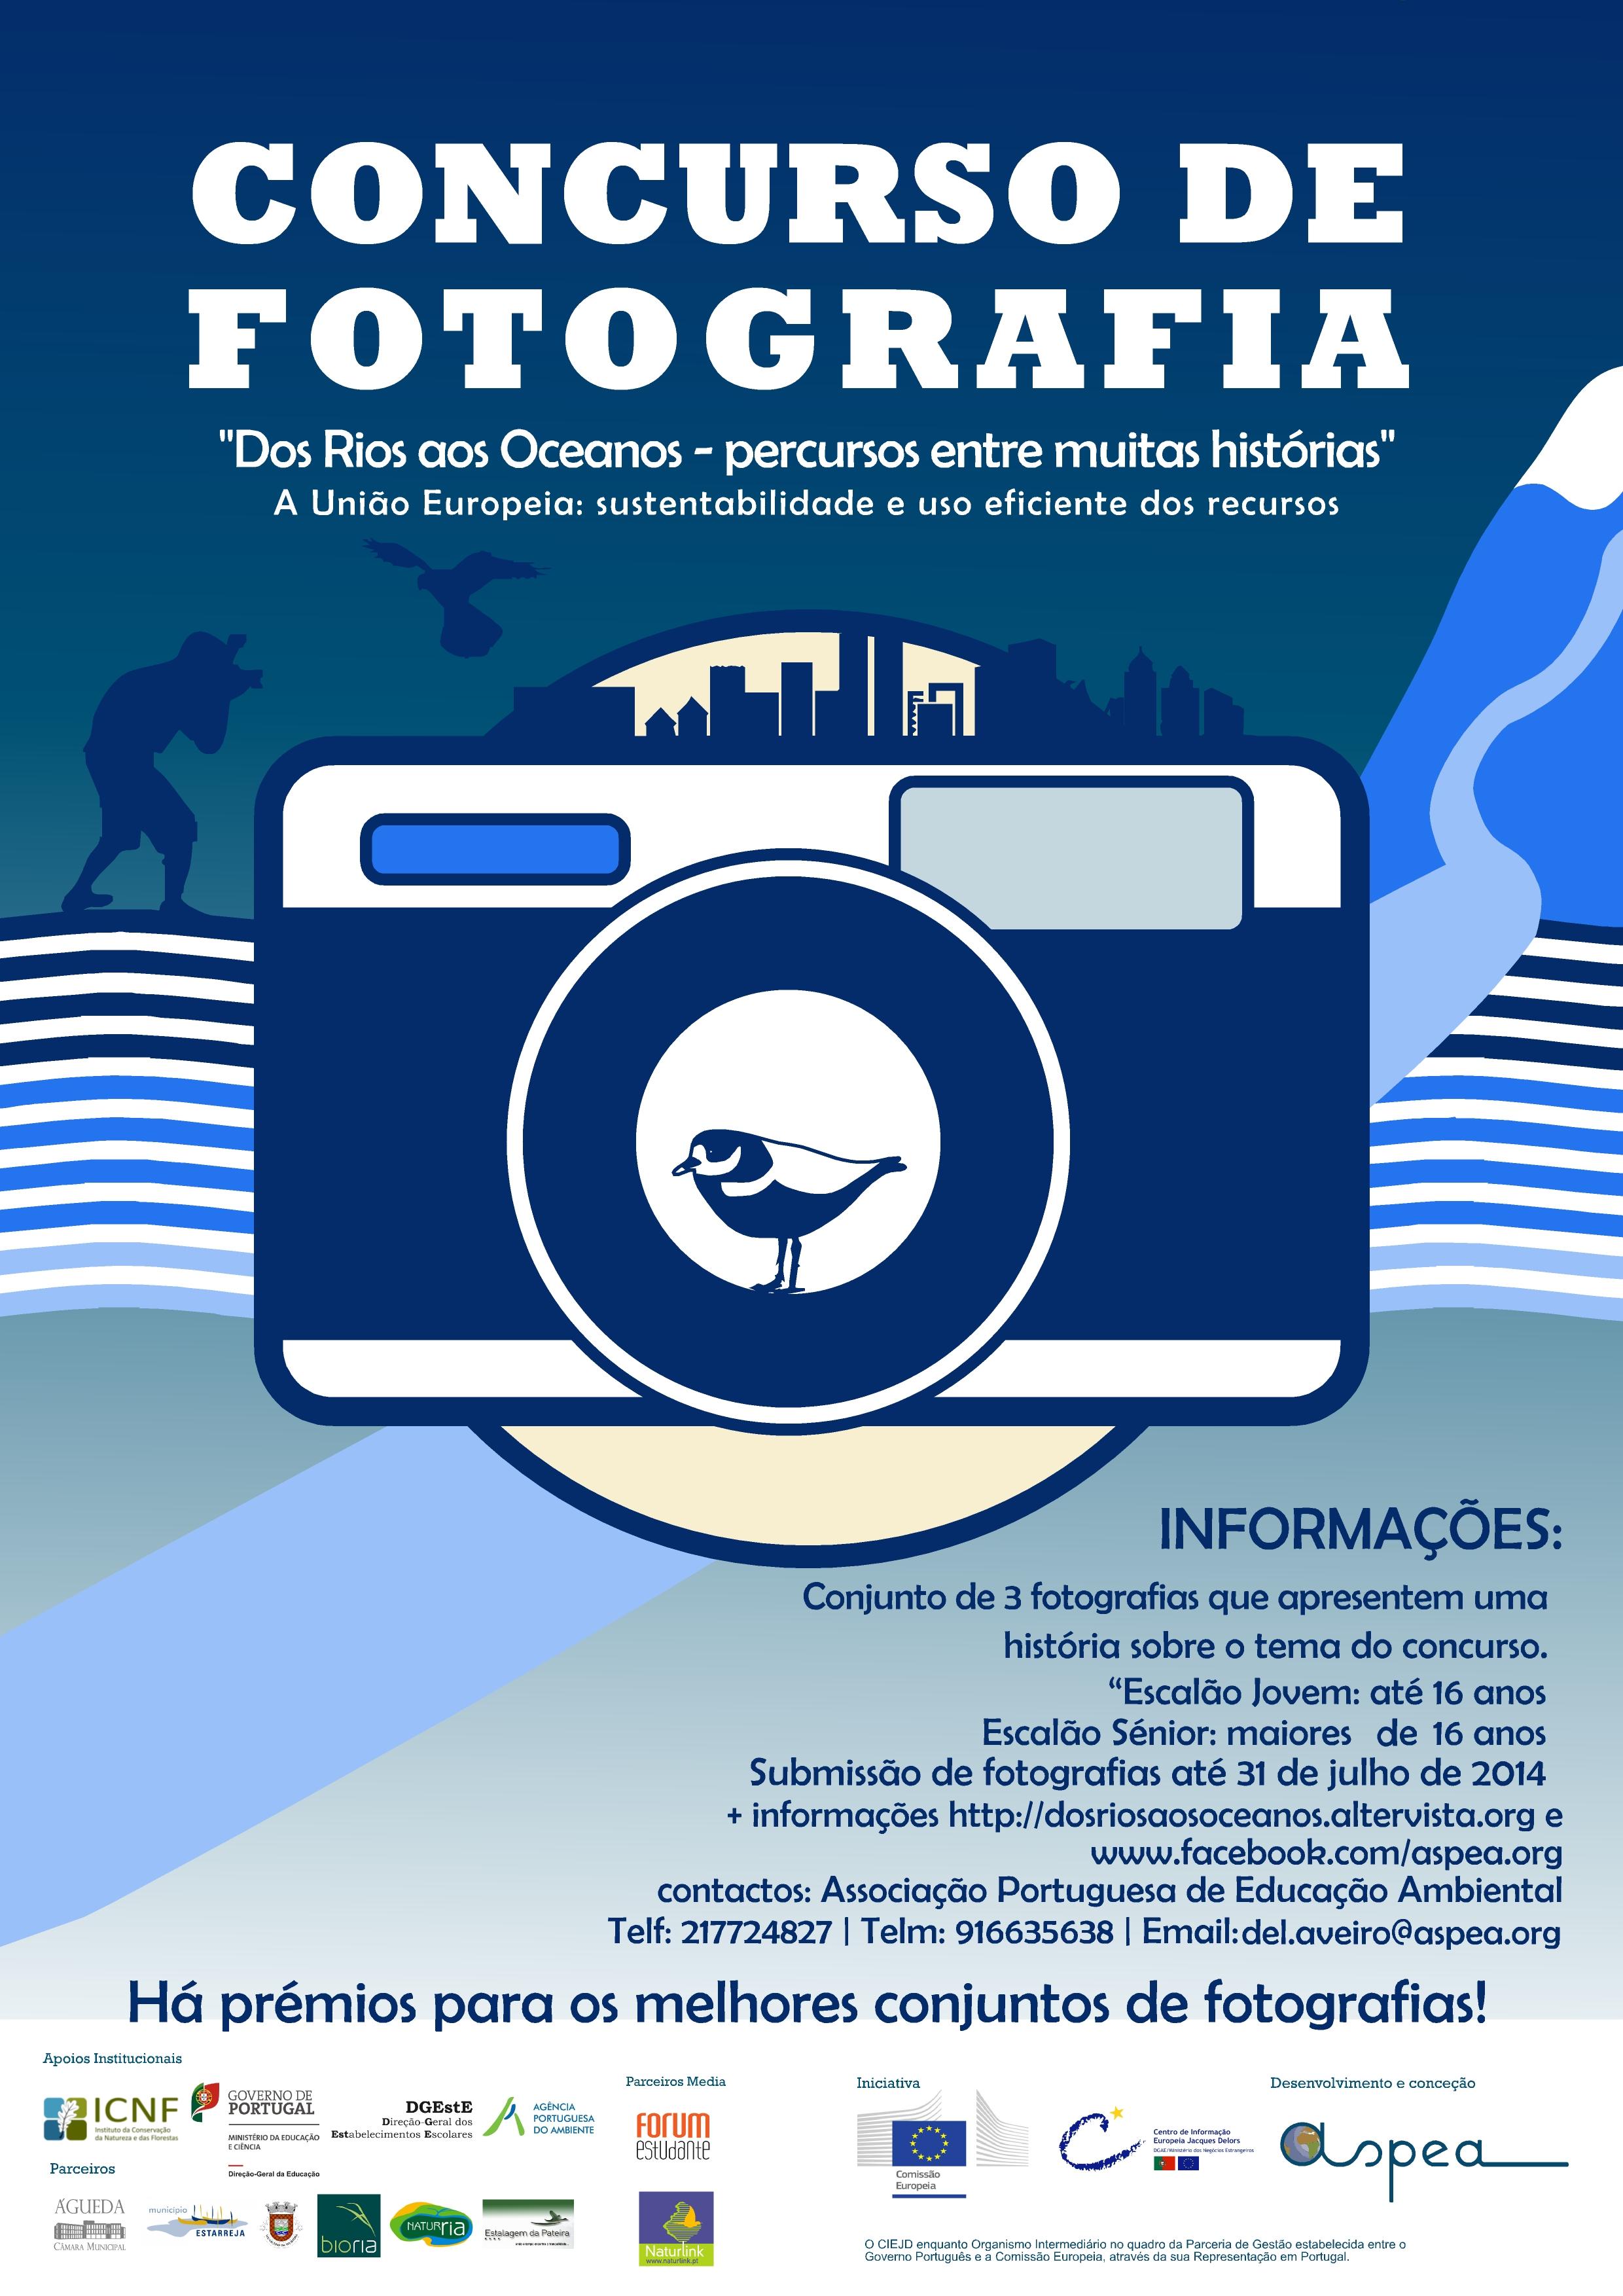 Concurso de Fotografia - Dos Rios aos Oceanos